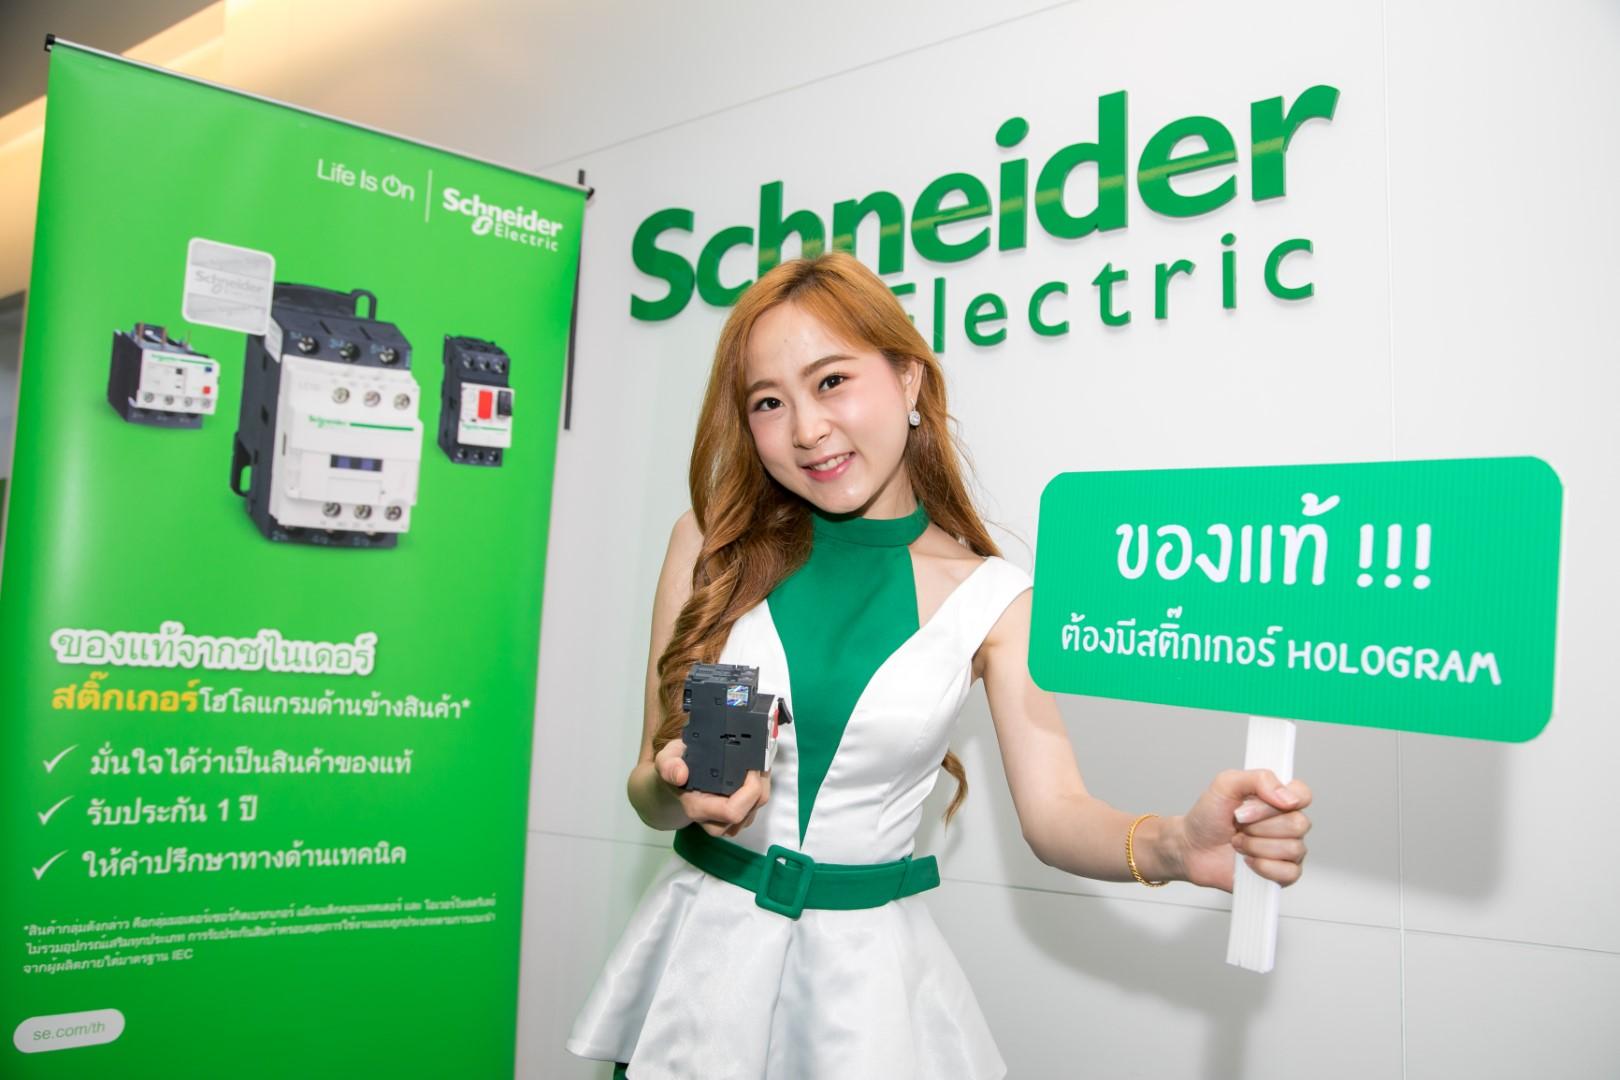 ชไนเดอร์ อิเล็คทริค ประเทศไทย ยกระดับความมั่นใจ ออกสติ๊กเกอร์รับประกันเบรกเกอร์กลุ่มงานสตาร์ทมอเตอร์ พร้อมจัดเต็มบริการหลังการขายให้กับลูกค้า 13 -